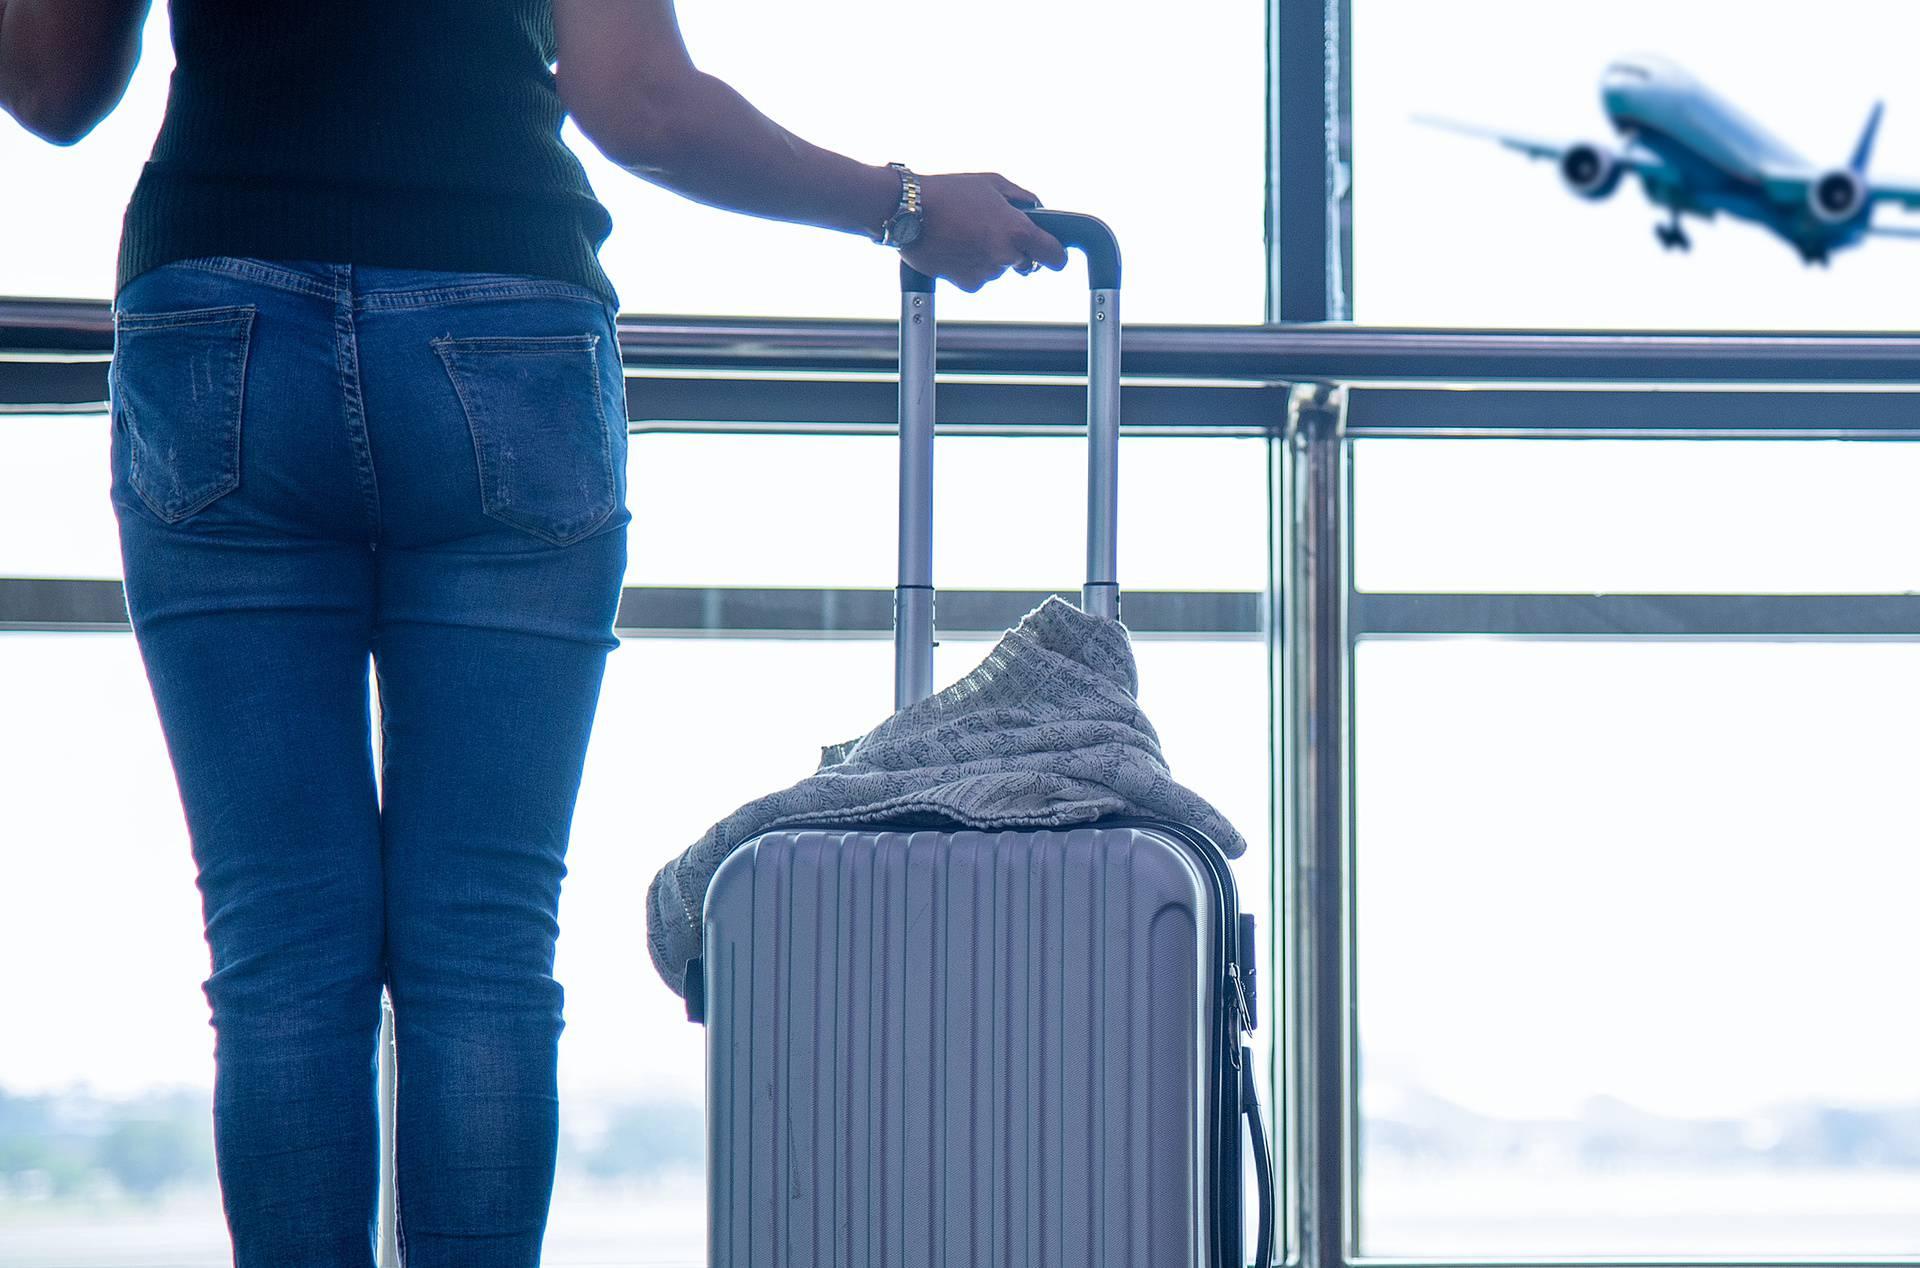 Budućnost zračnih luka: Više samousluge i tehnologije bez dodira - od WC-a do prtljage